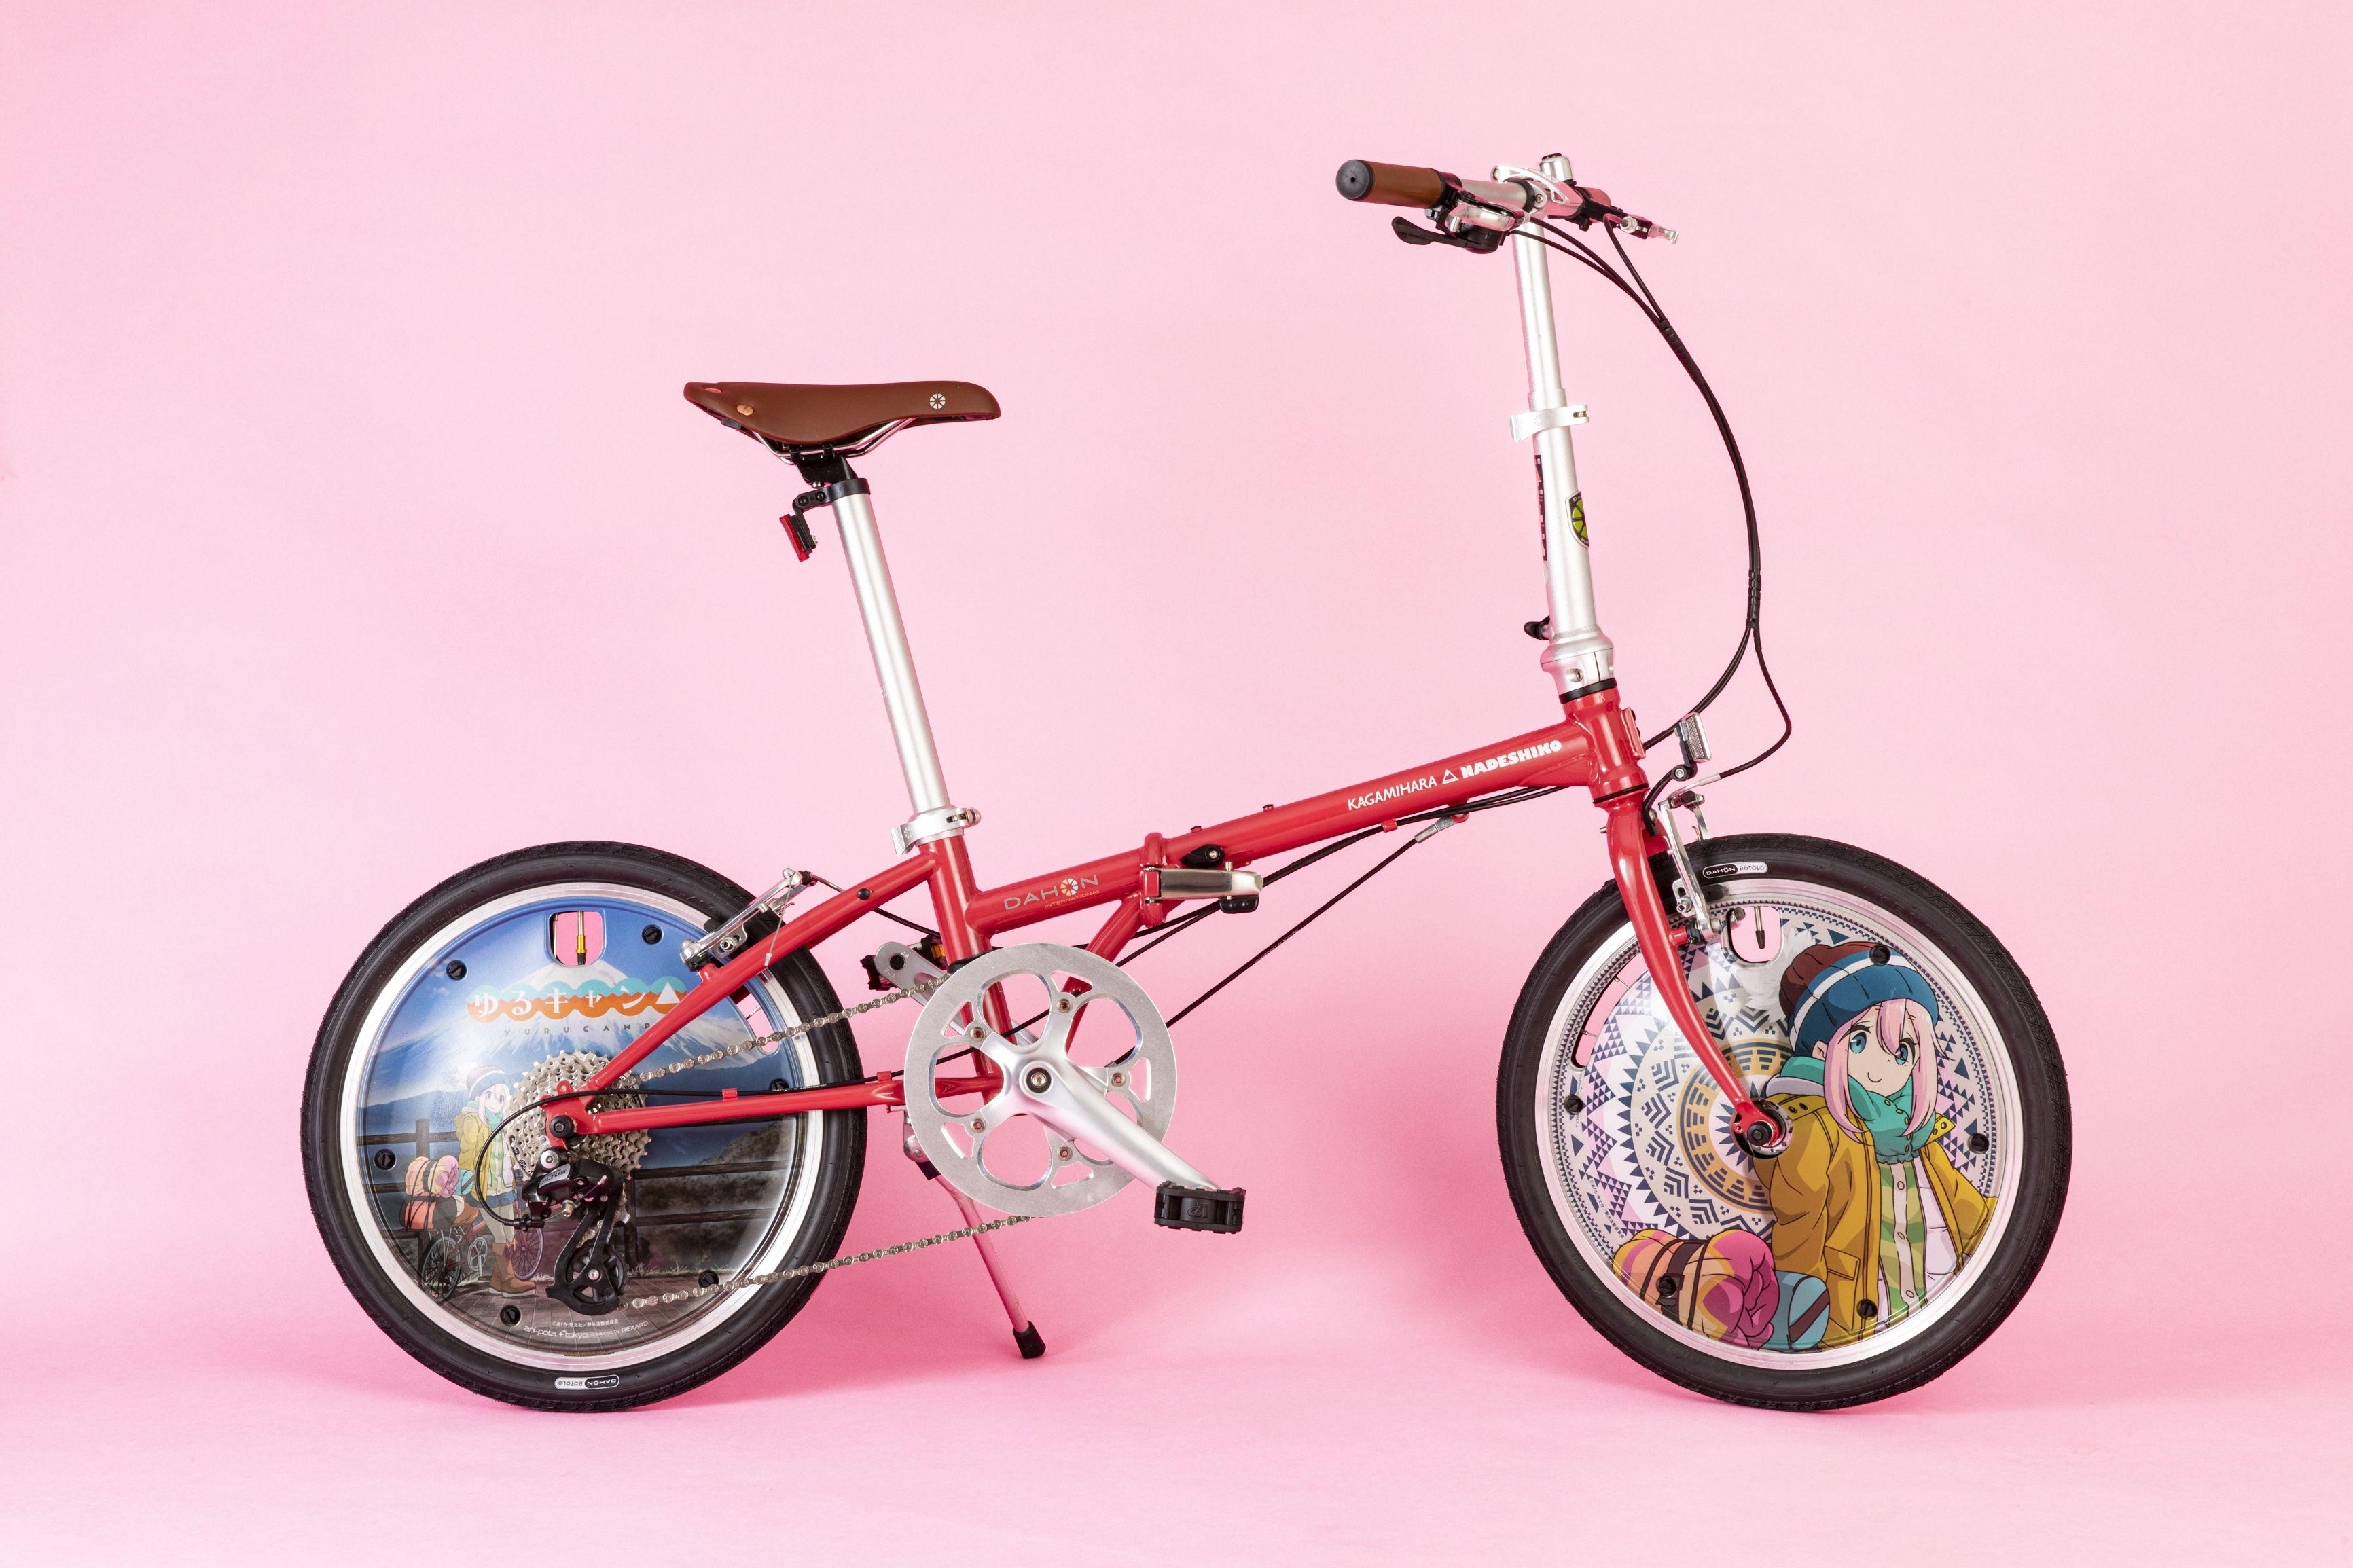 ゆるキャン△×DAHON 自転車 各務原なでしこモデル